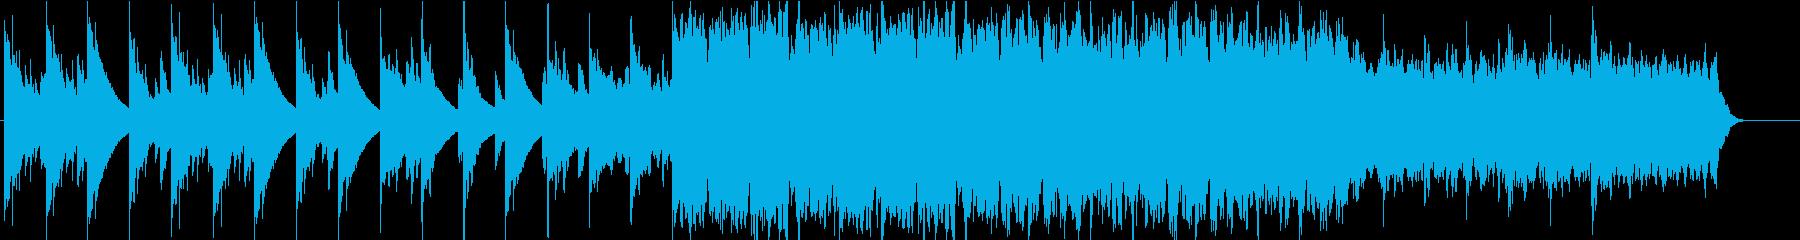 淡い想い・綺麗で切ないハープのBGMの再生済みの波形